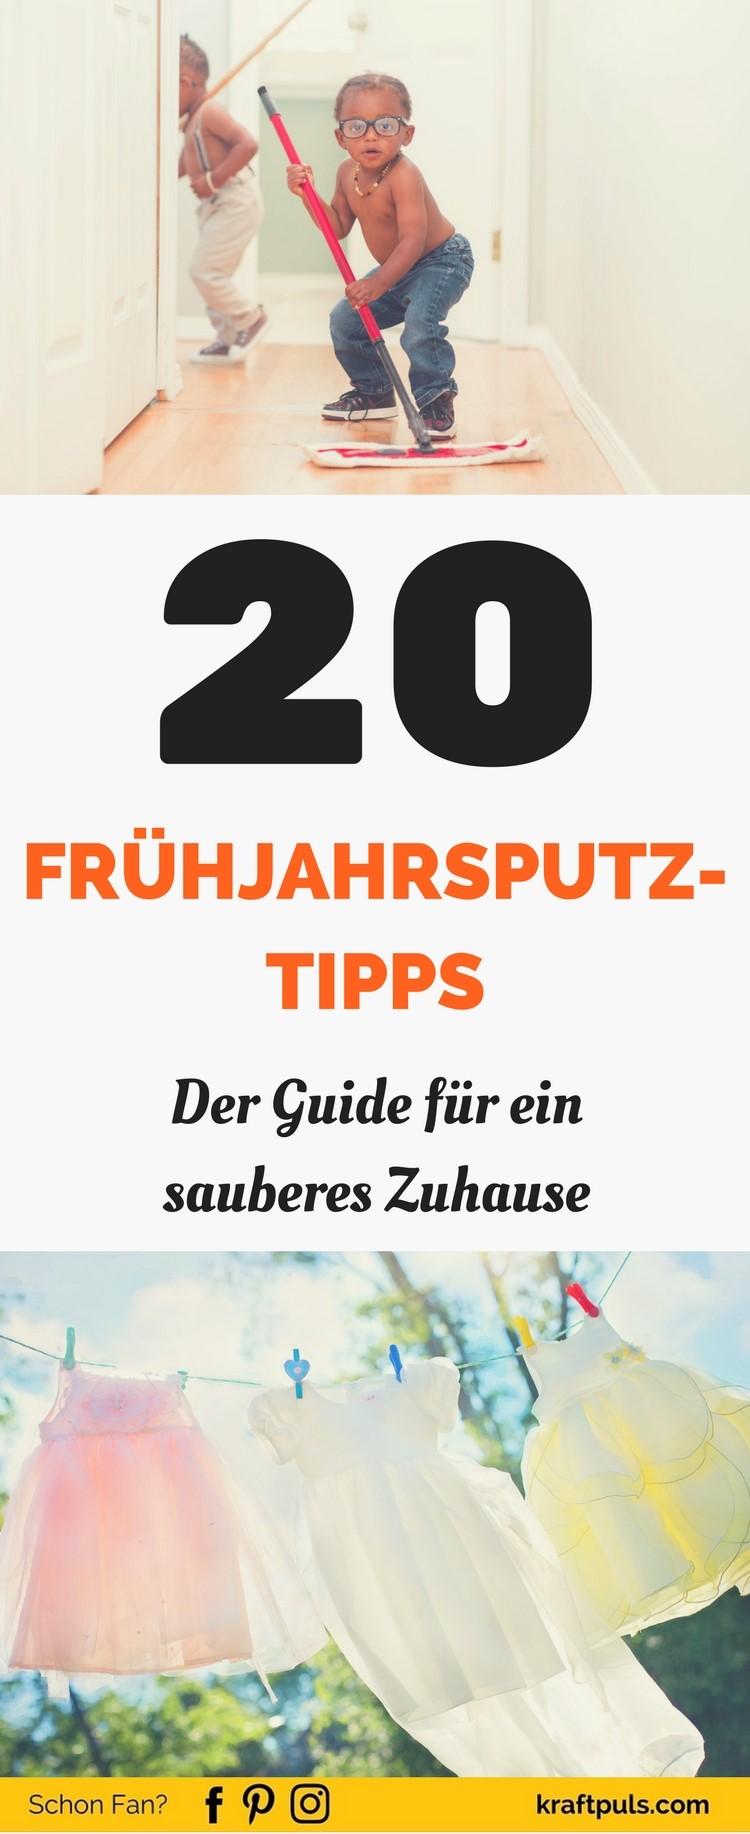 Der Guide für ein sauberes Zuhause #putzen #checkliste #plan #deutsch